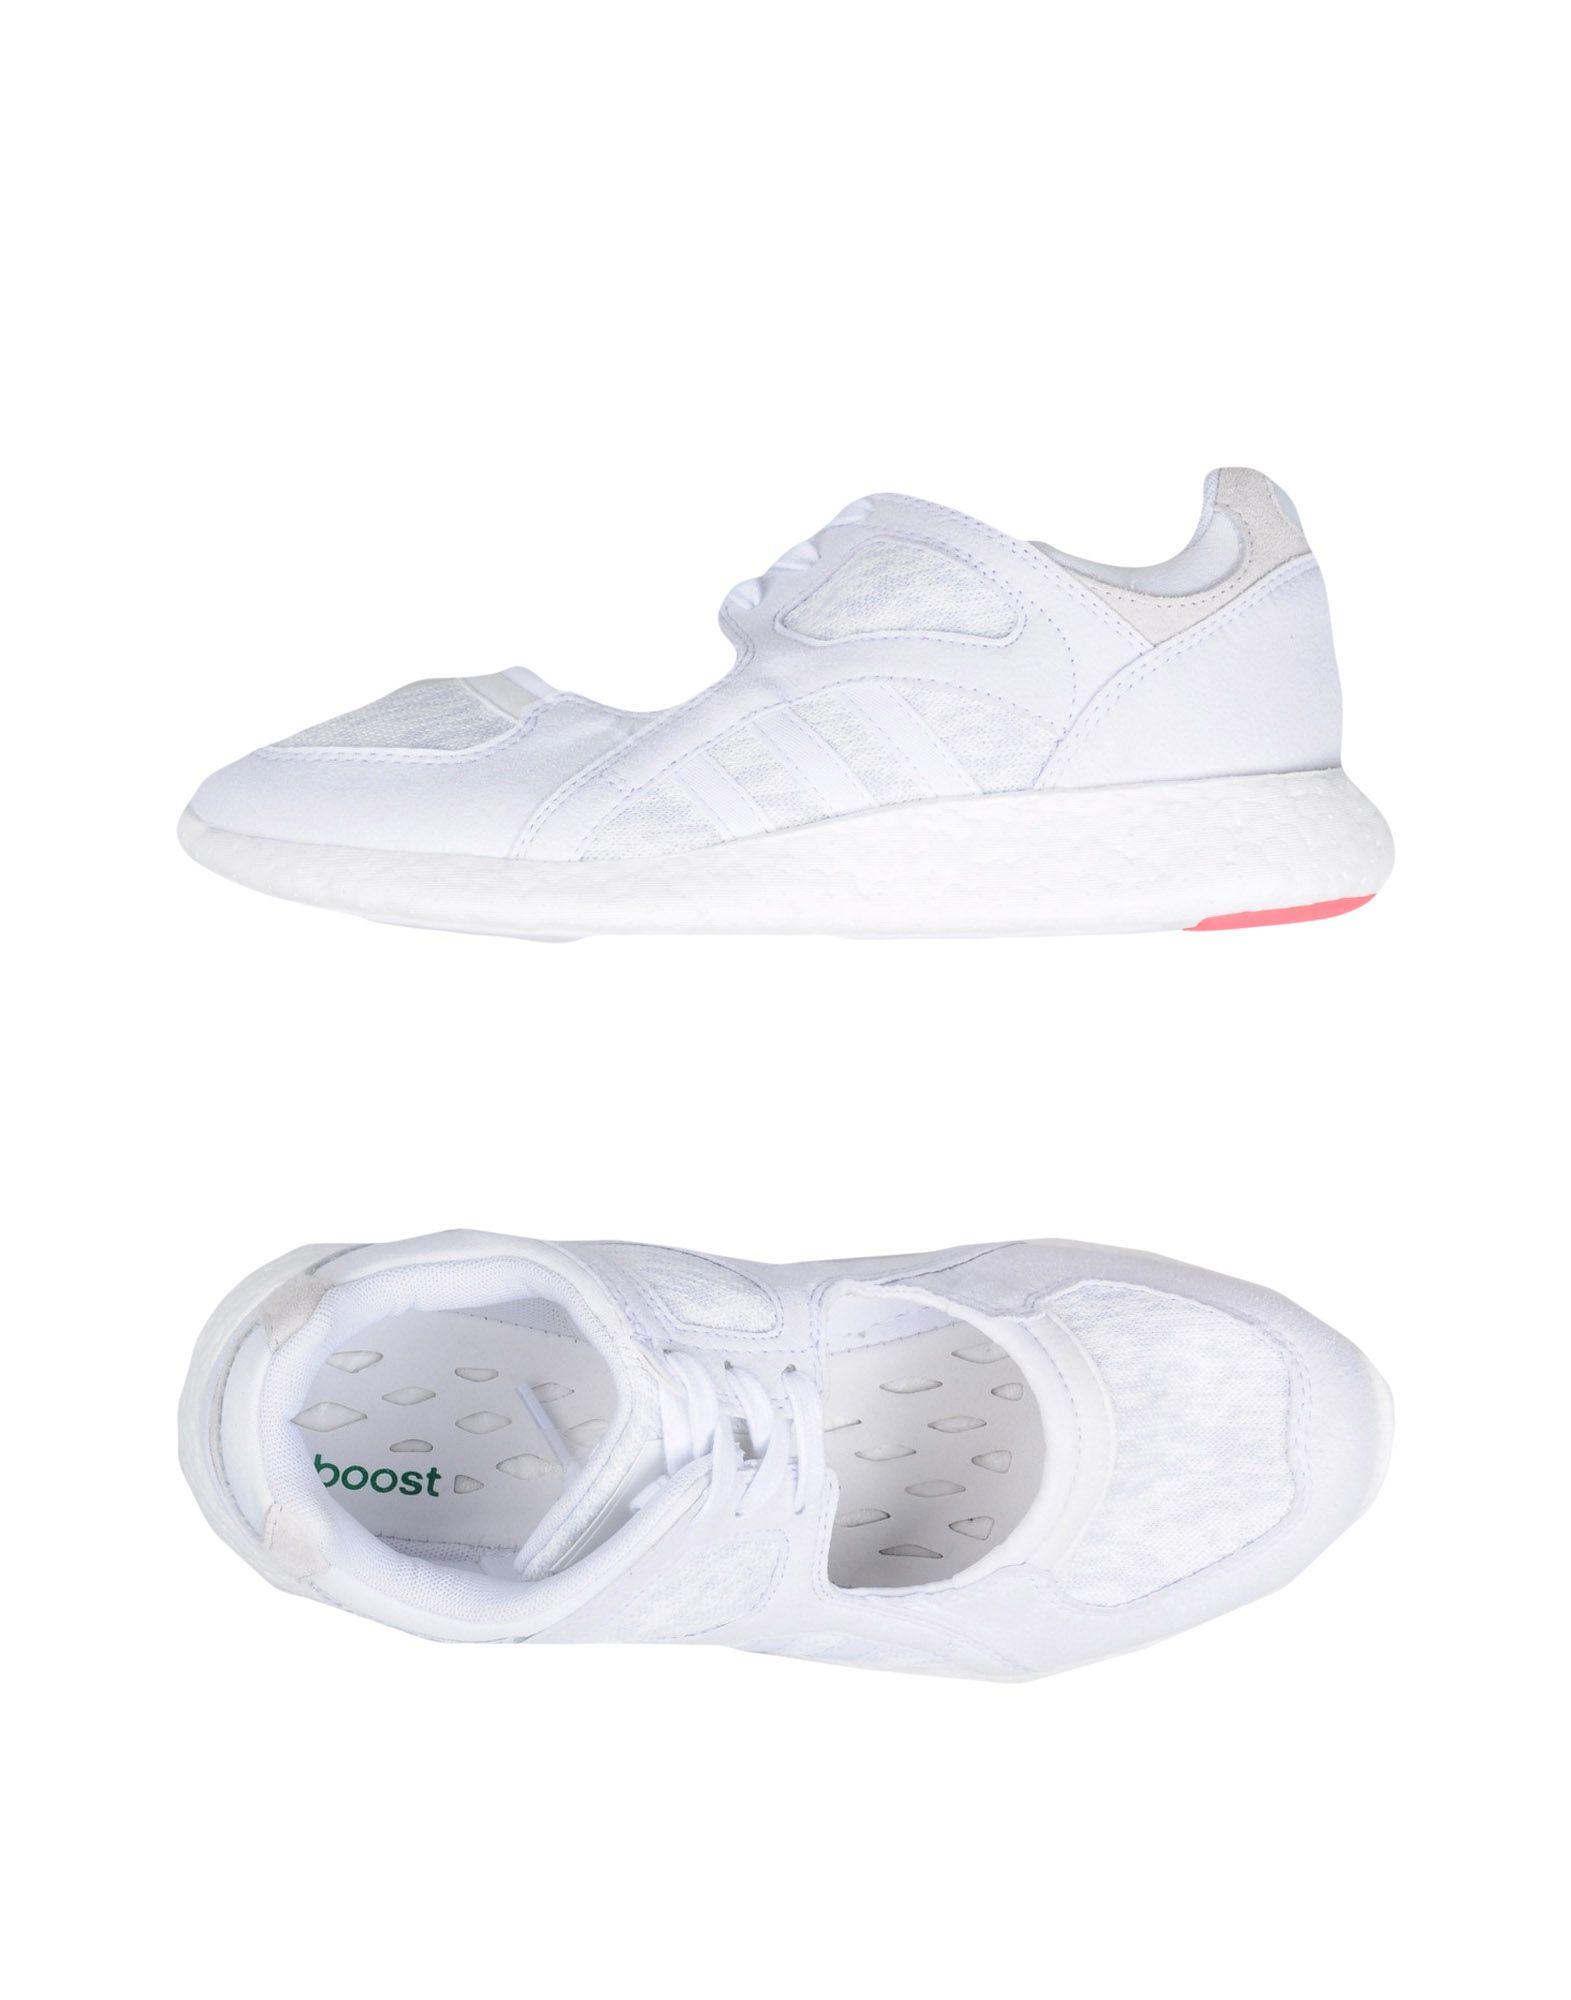 Baskets Adidas Originals Femme - Baskets Adidas Originals Blanc Nouvelles chaussures pour hommes et femmes, remise limitée dans le temps